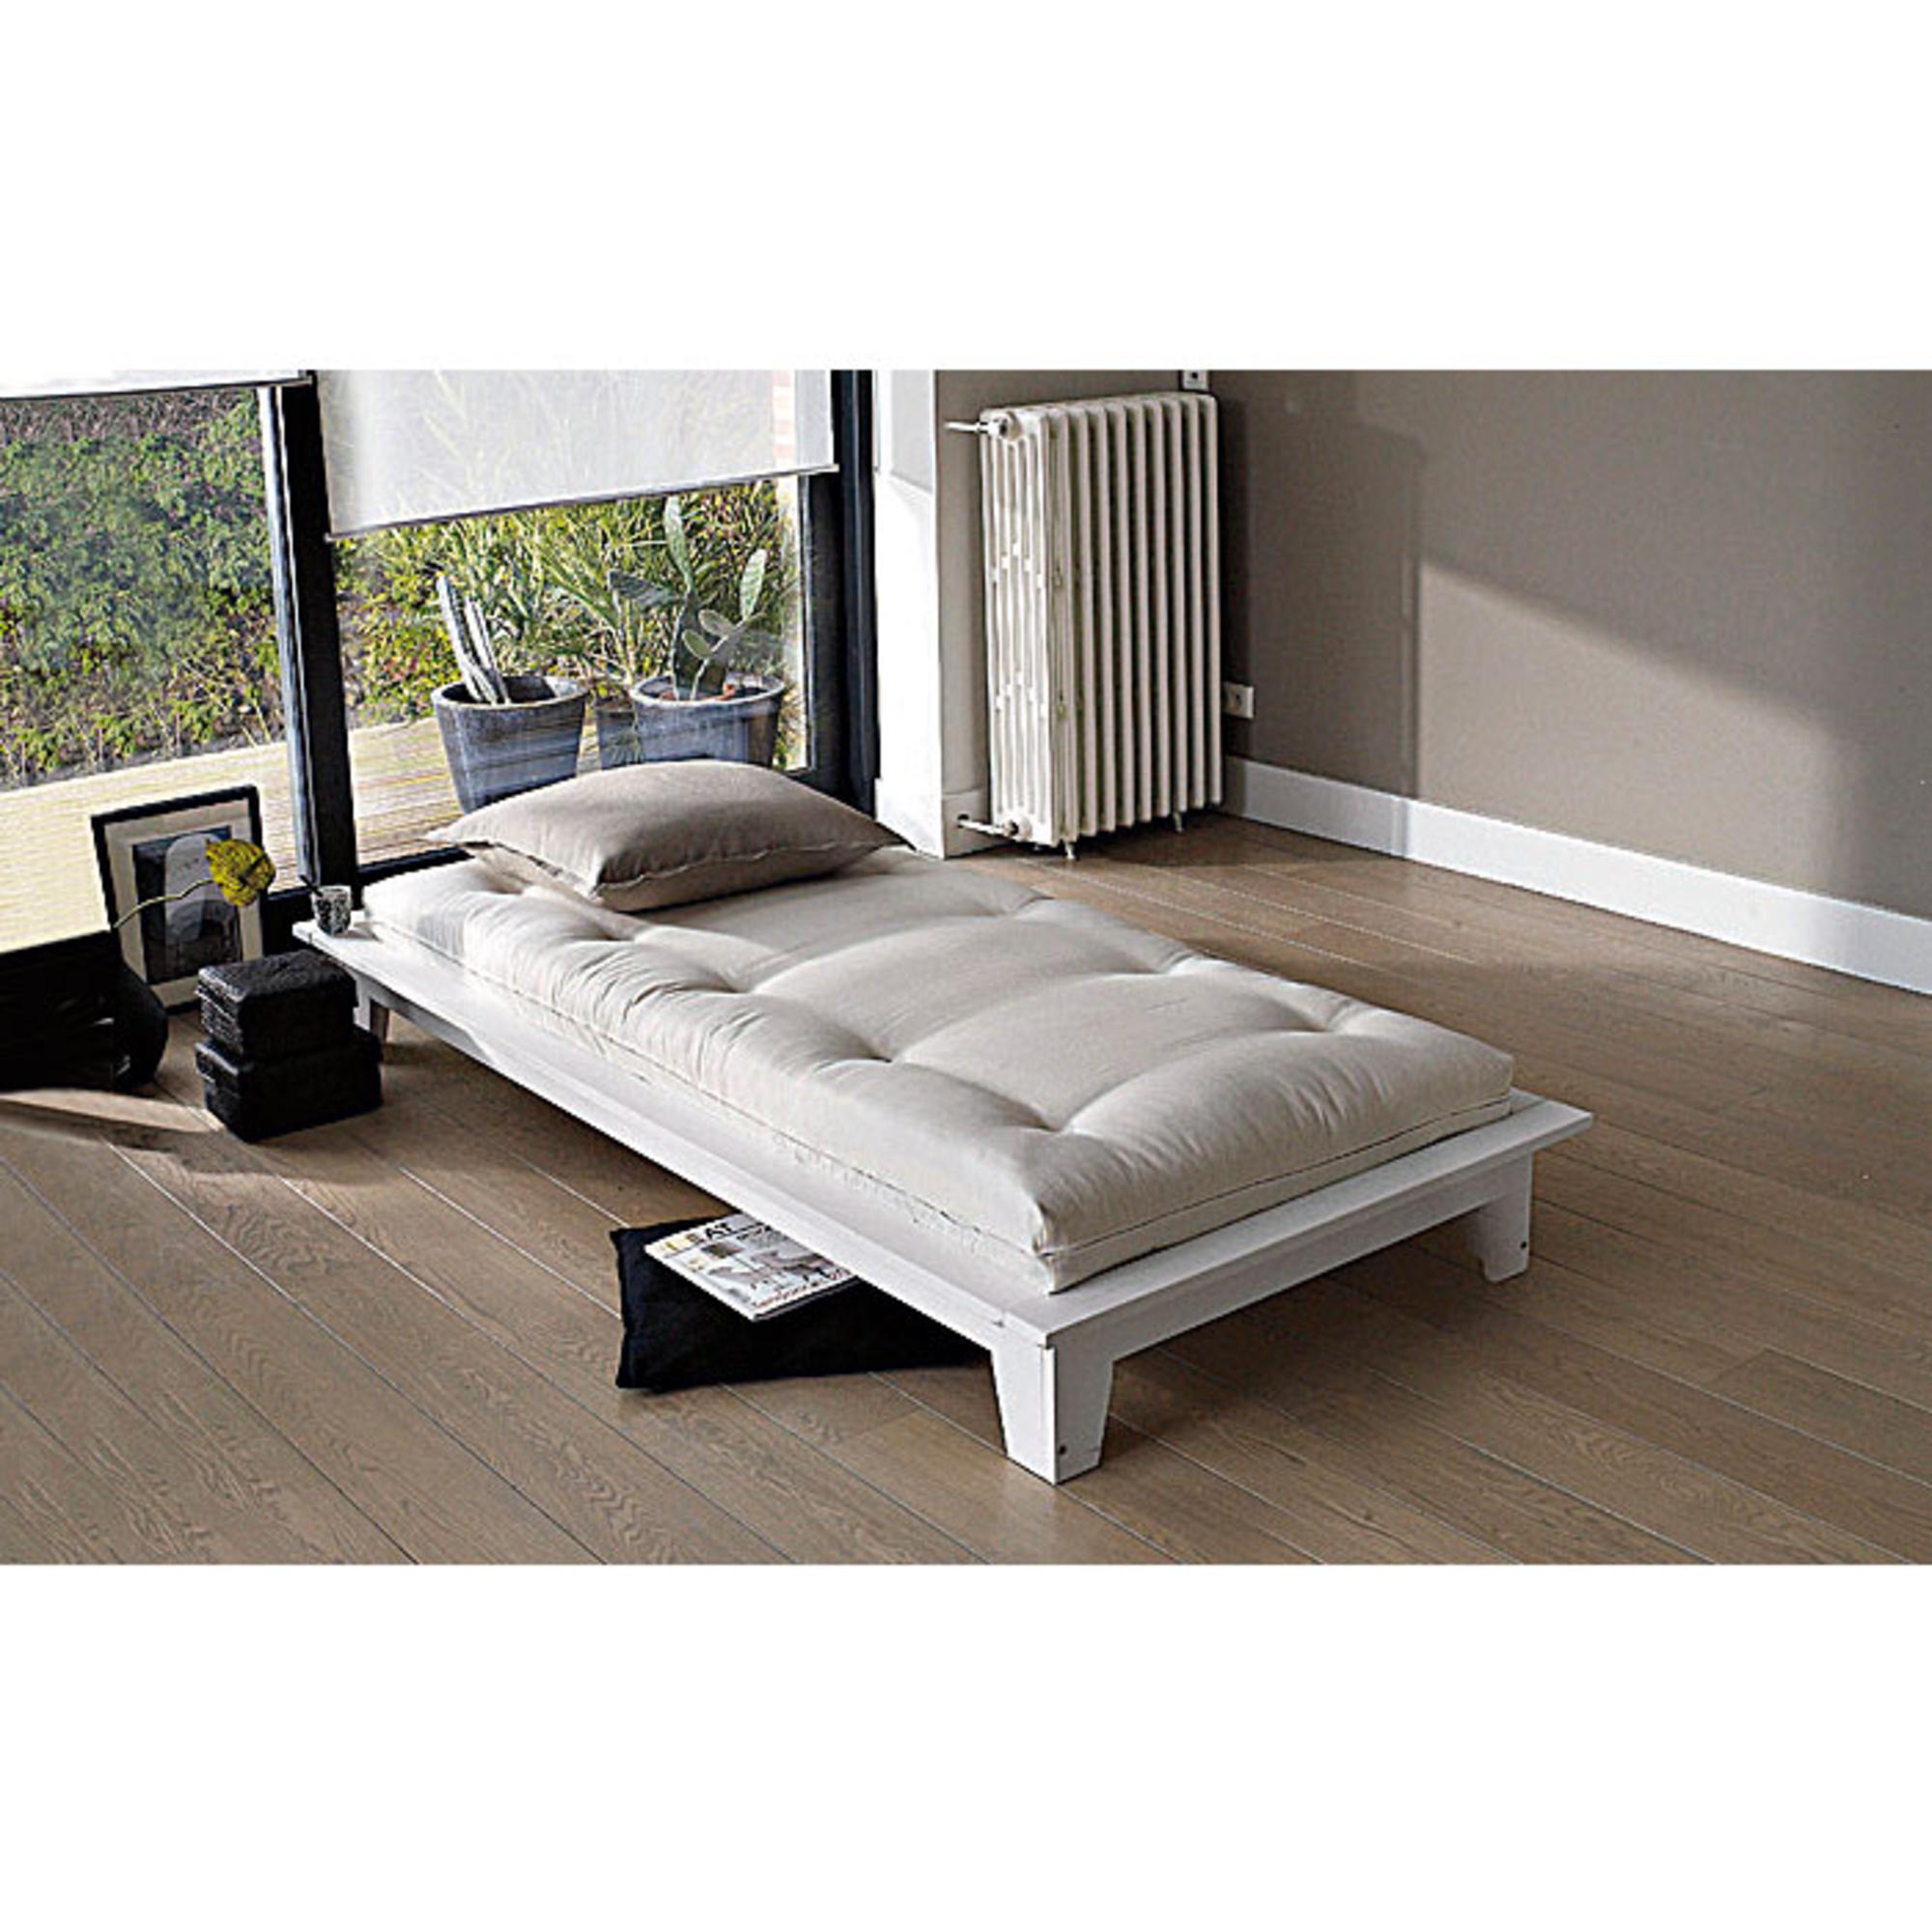 lit 160 x 200 cm caroline blanc anniversaire 40 ans acheter ce produit au meilleur prix. Black Bedroom Furniture Sets. Home Design Ideas